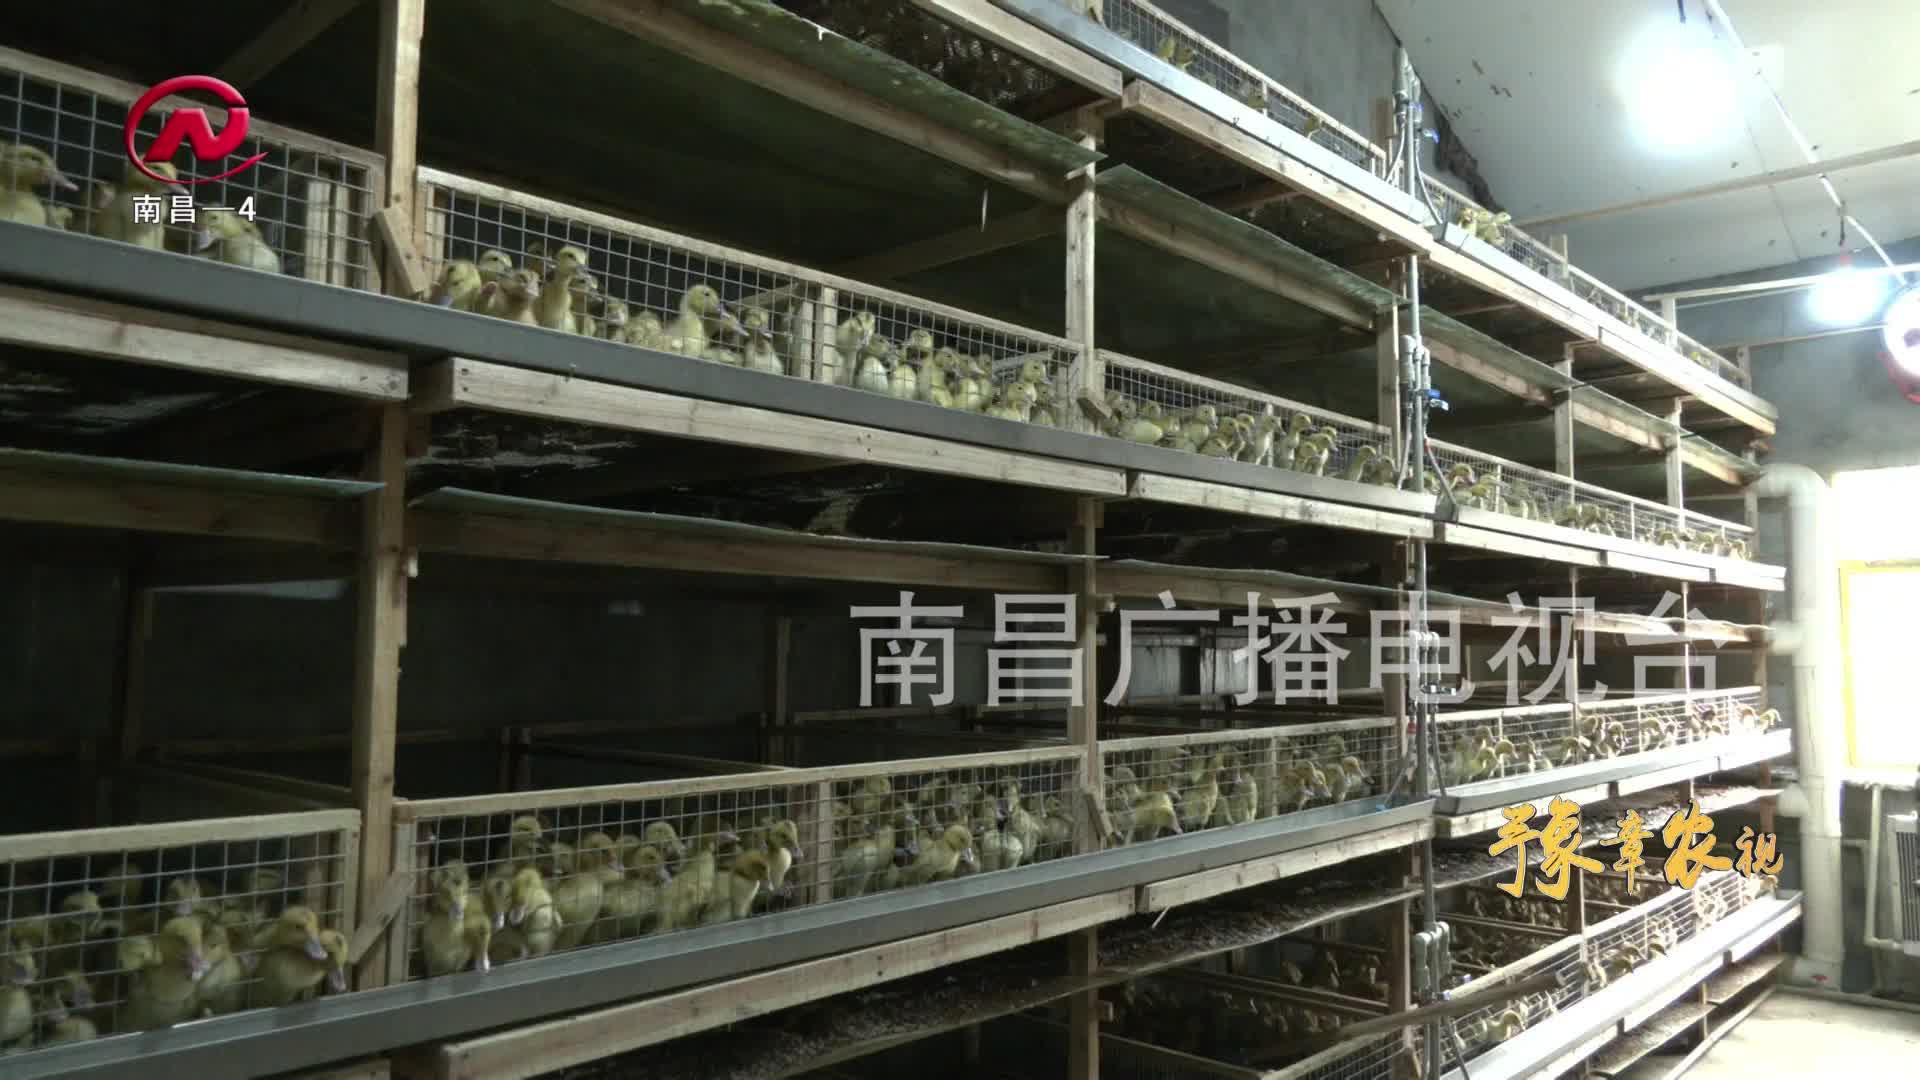 【豫章農視】培育壯大農業產業集群  實現村強民富